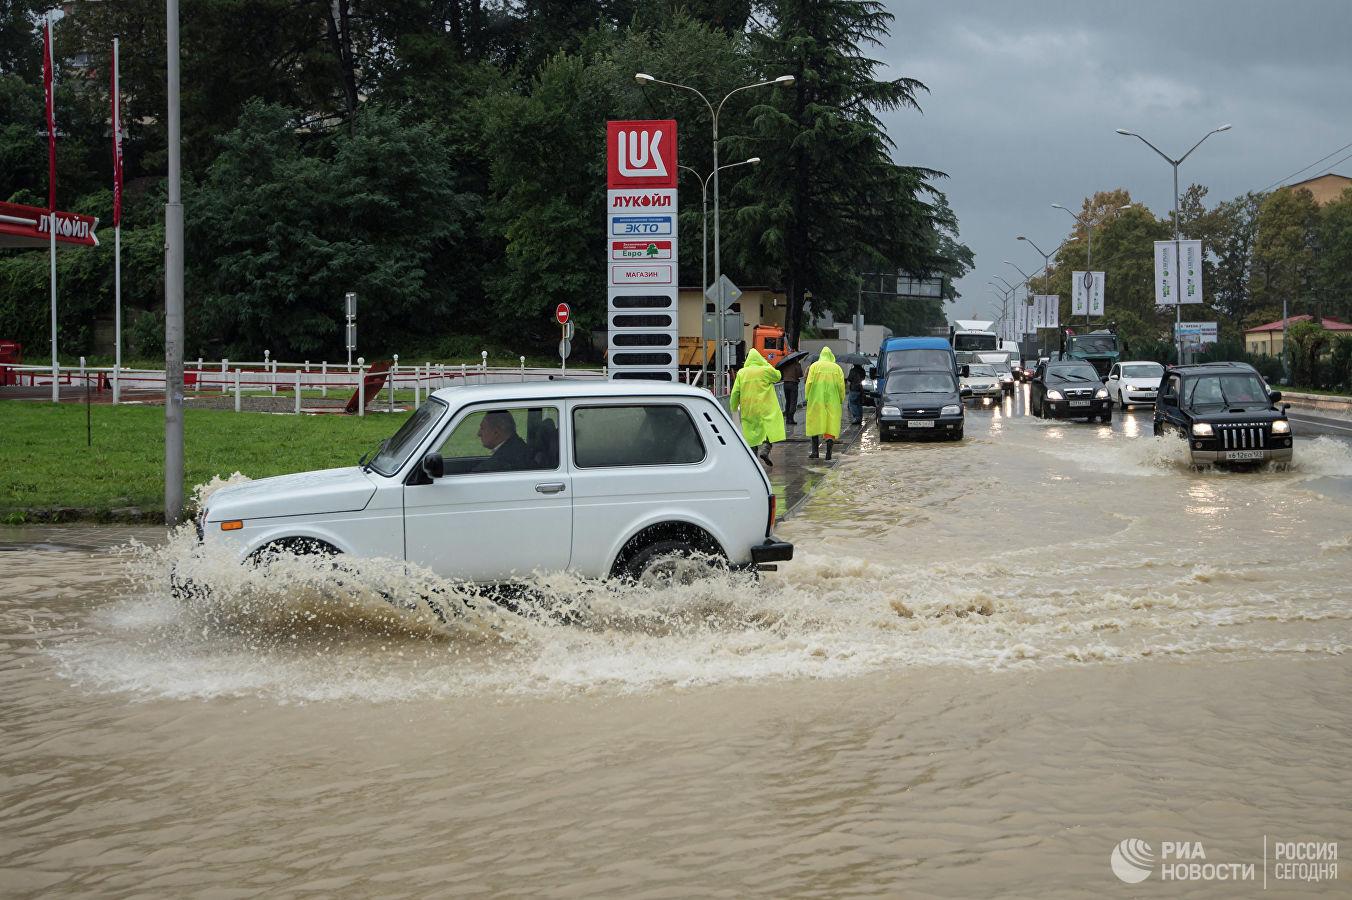 Սոչիում տեղատարափ անձրև է տեղացել (լուսանկարներ)